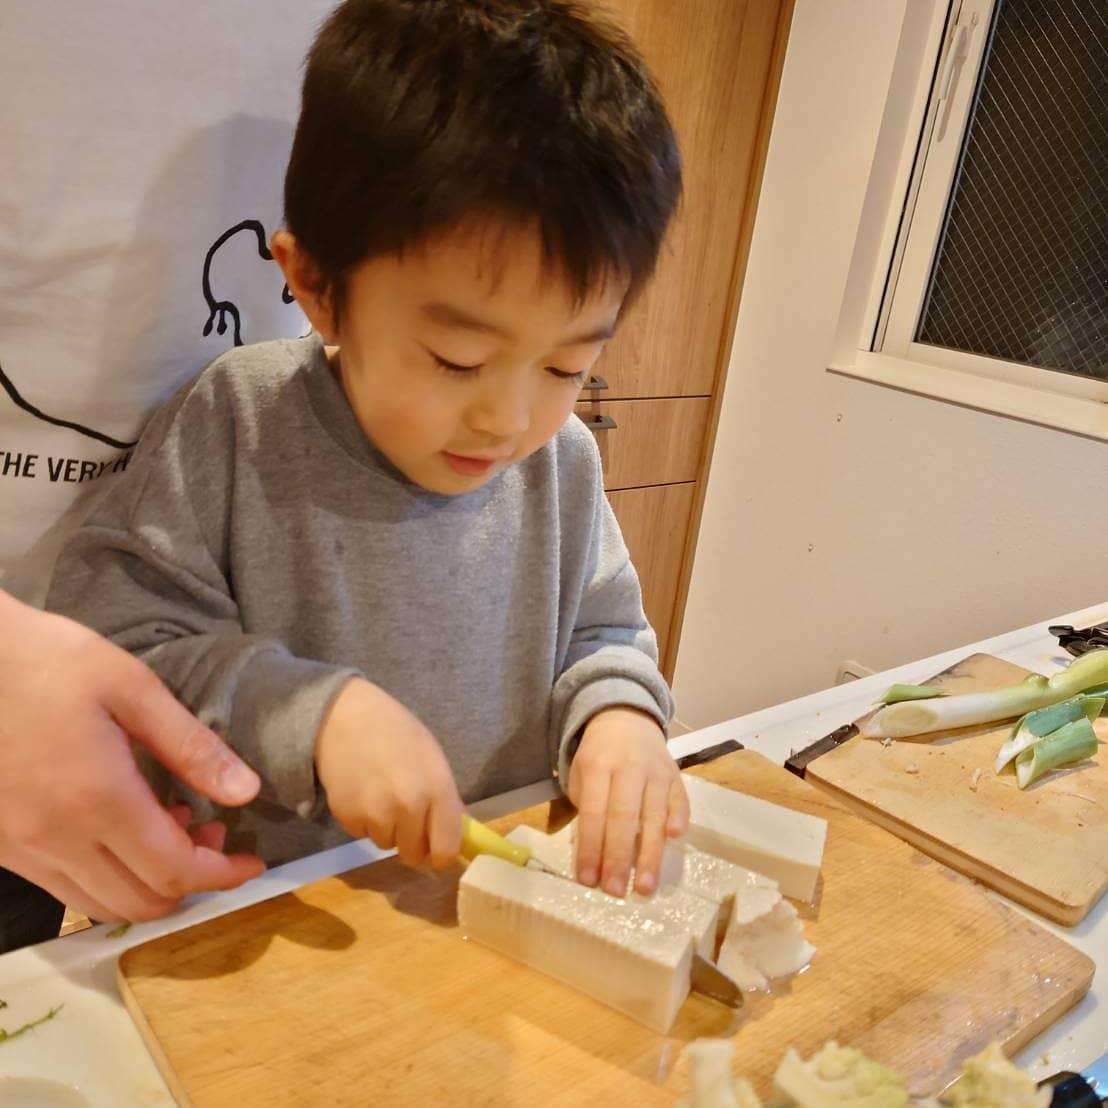 ちょっと前に、たけのこご飯づくりで包丁デビューしたむすこ氏(あぶっなっかしかった)もっとお料理したいと積極的にお手伝いしていたら、ばあばにお子さま包丁をプレゼントしてもらいました️筍姫のごはんづくりにむけて、まずは豆腐をさばいていきます。うまいはよやにあうおつまみつくってや🤤#阿波たけのこ農園 #たけのこ #筍姫 #食育 #包丁 #こどもりょうり